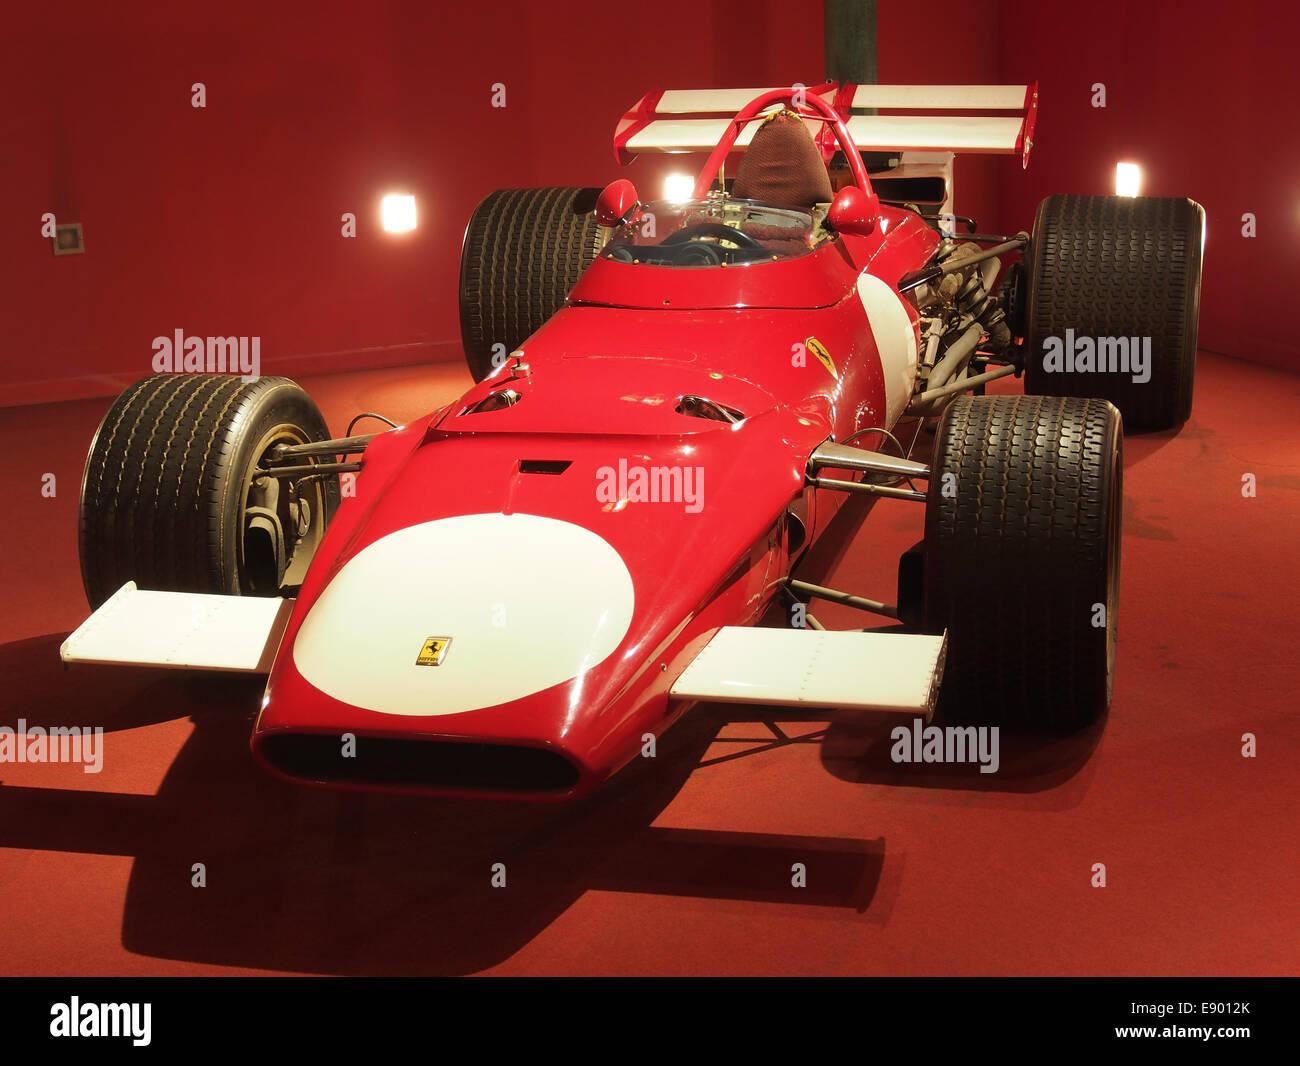 1970 Ferrari F1 312B driven by Mario Andretti, pic1 - Stock Image